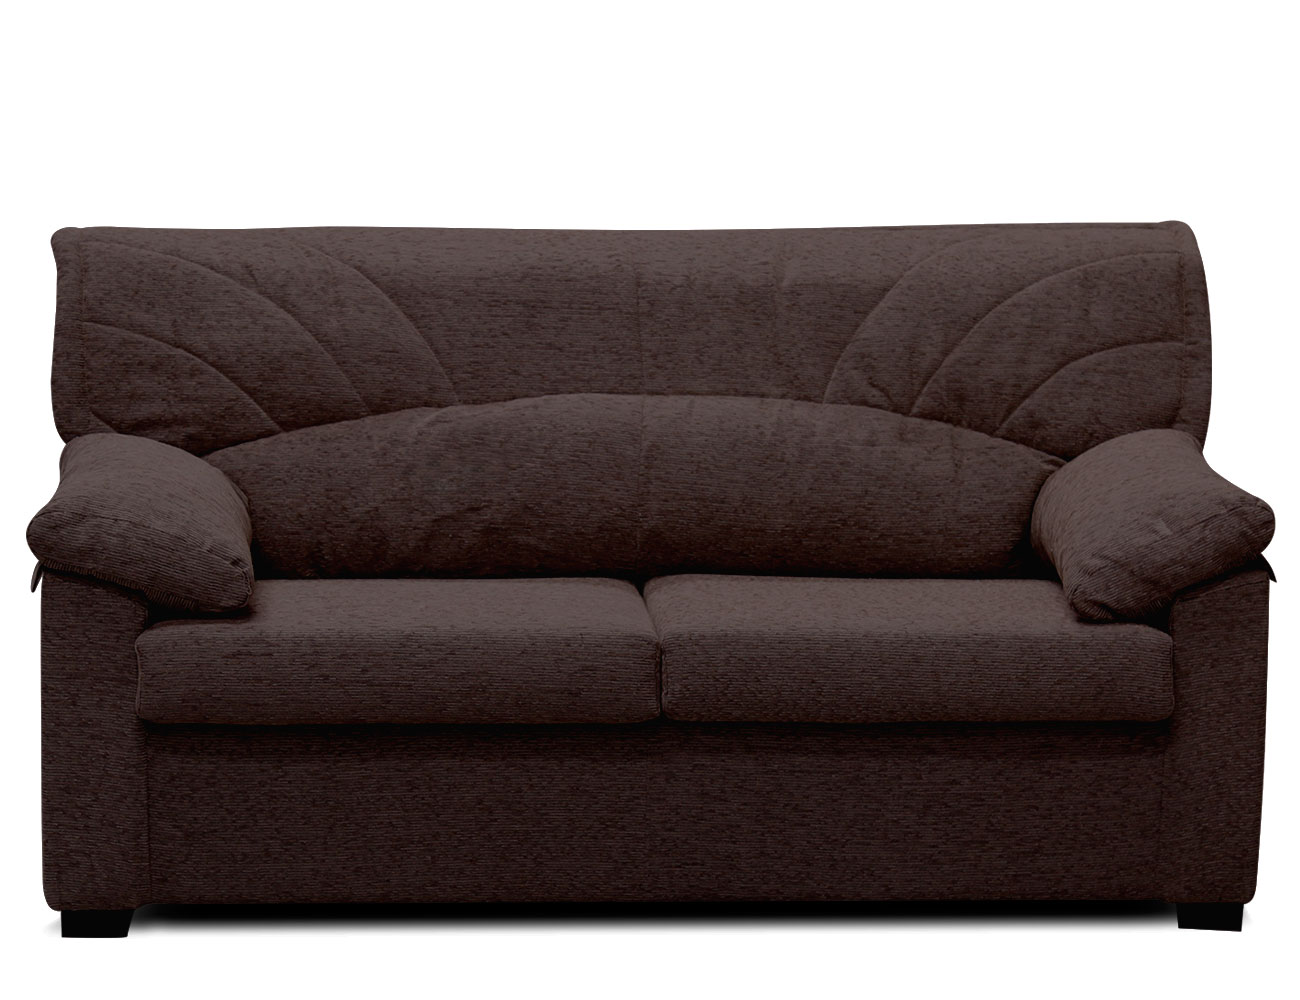 Sof barato con respaldos medios 15204 factory del for Medidas sofa 3 plazas